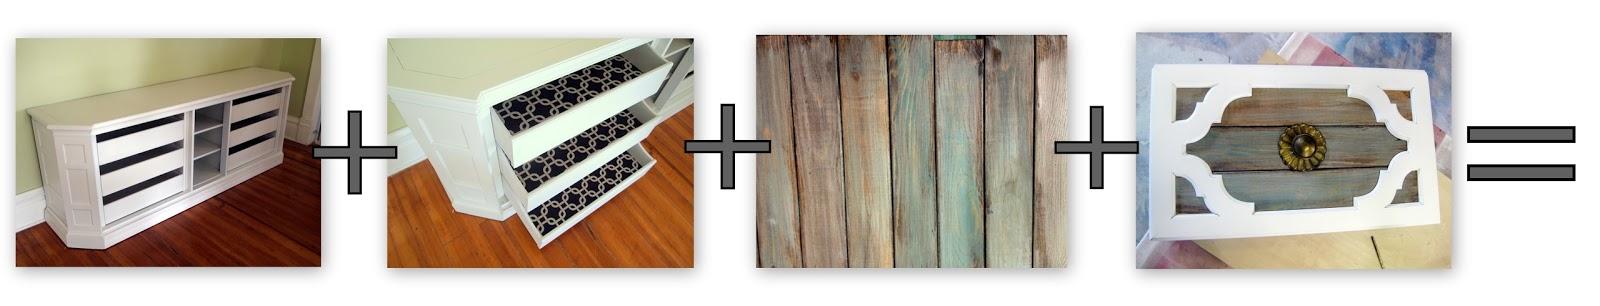 [Credenza-Transformation-by-Sawdust-a%255B2%255D.jpg]